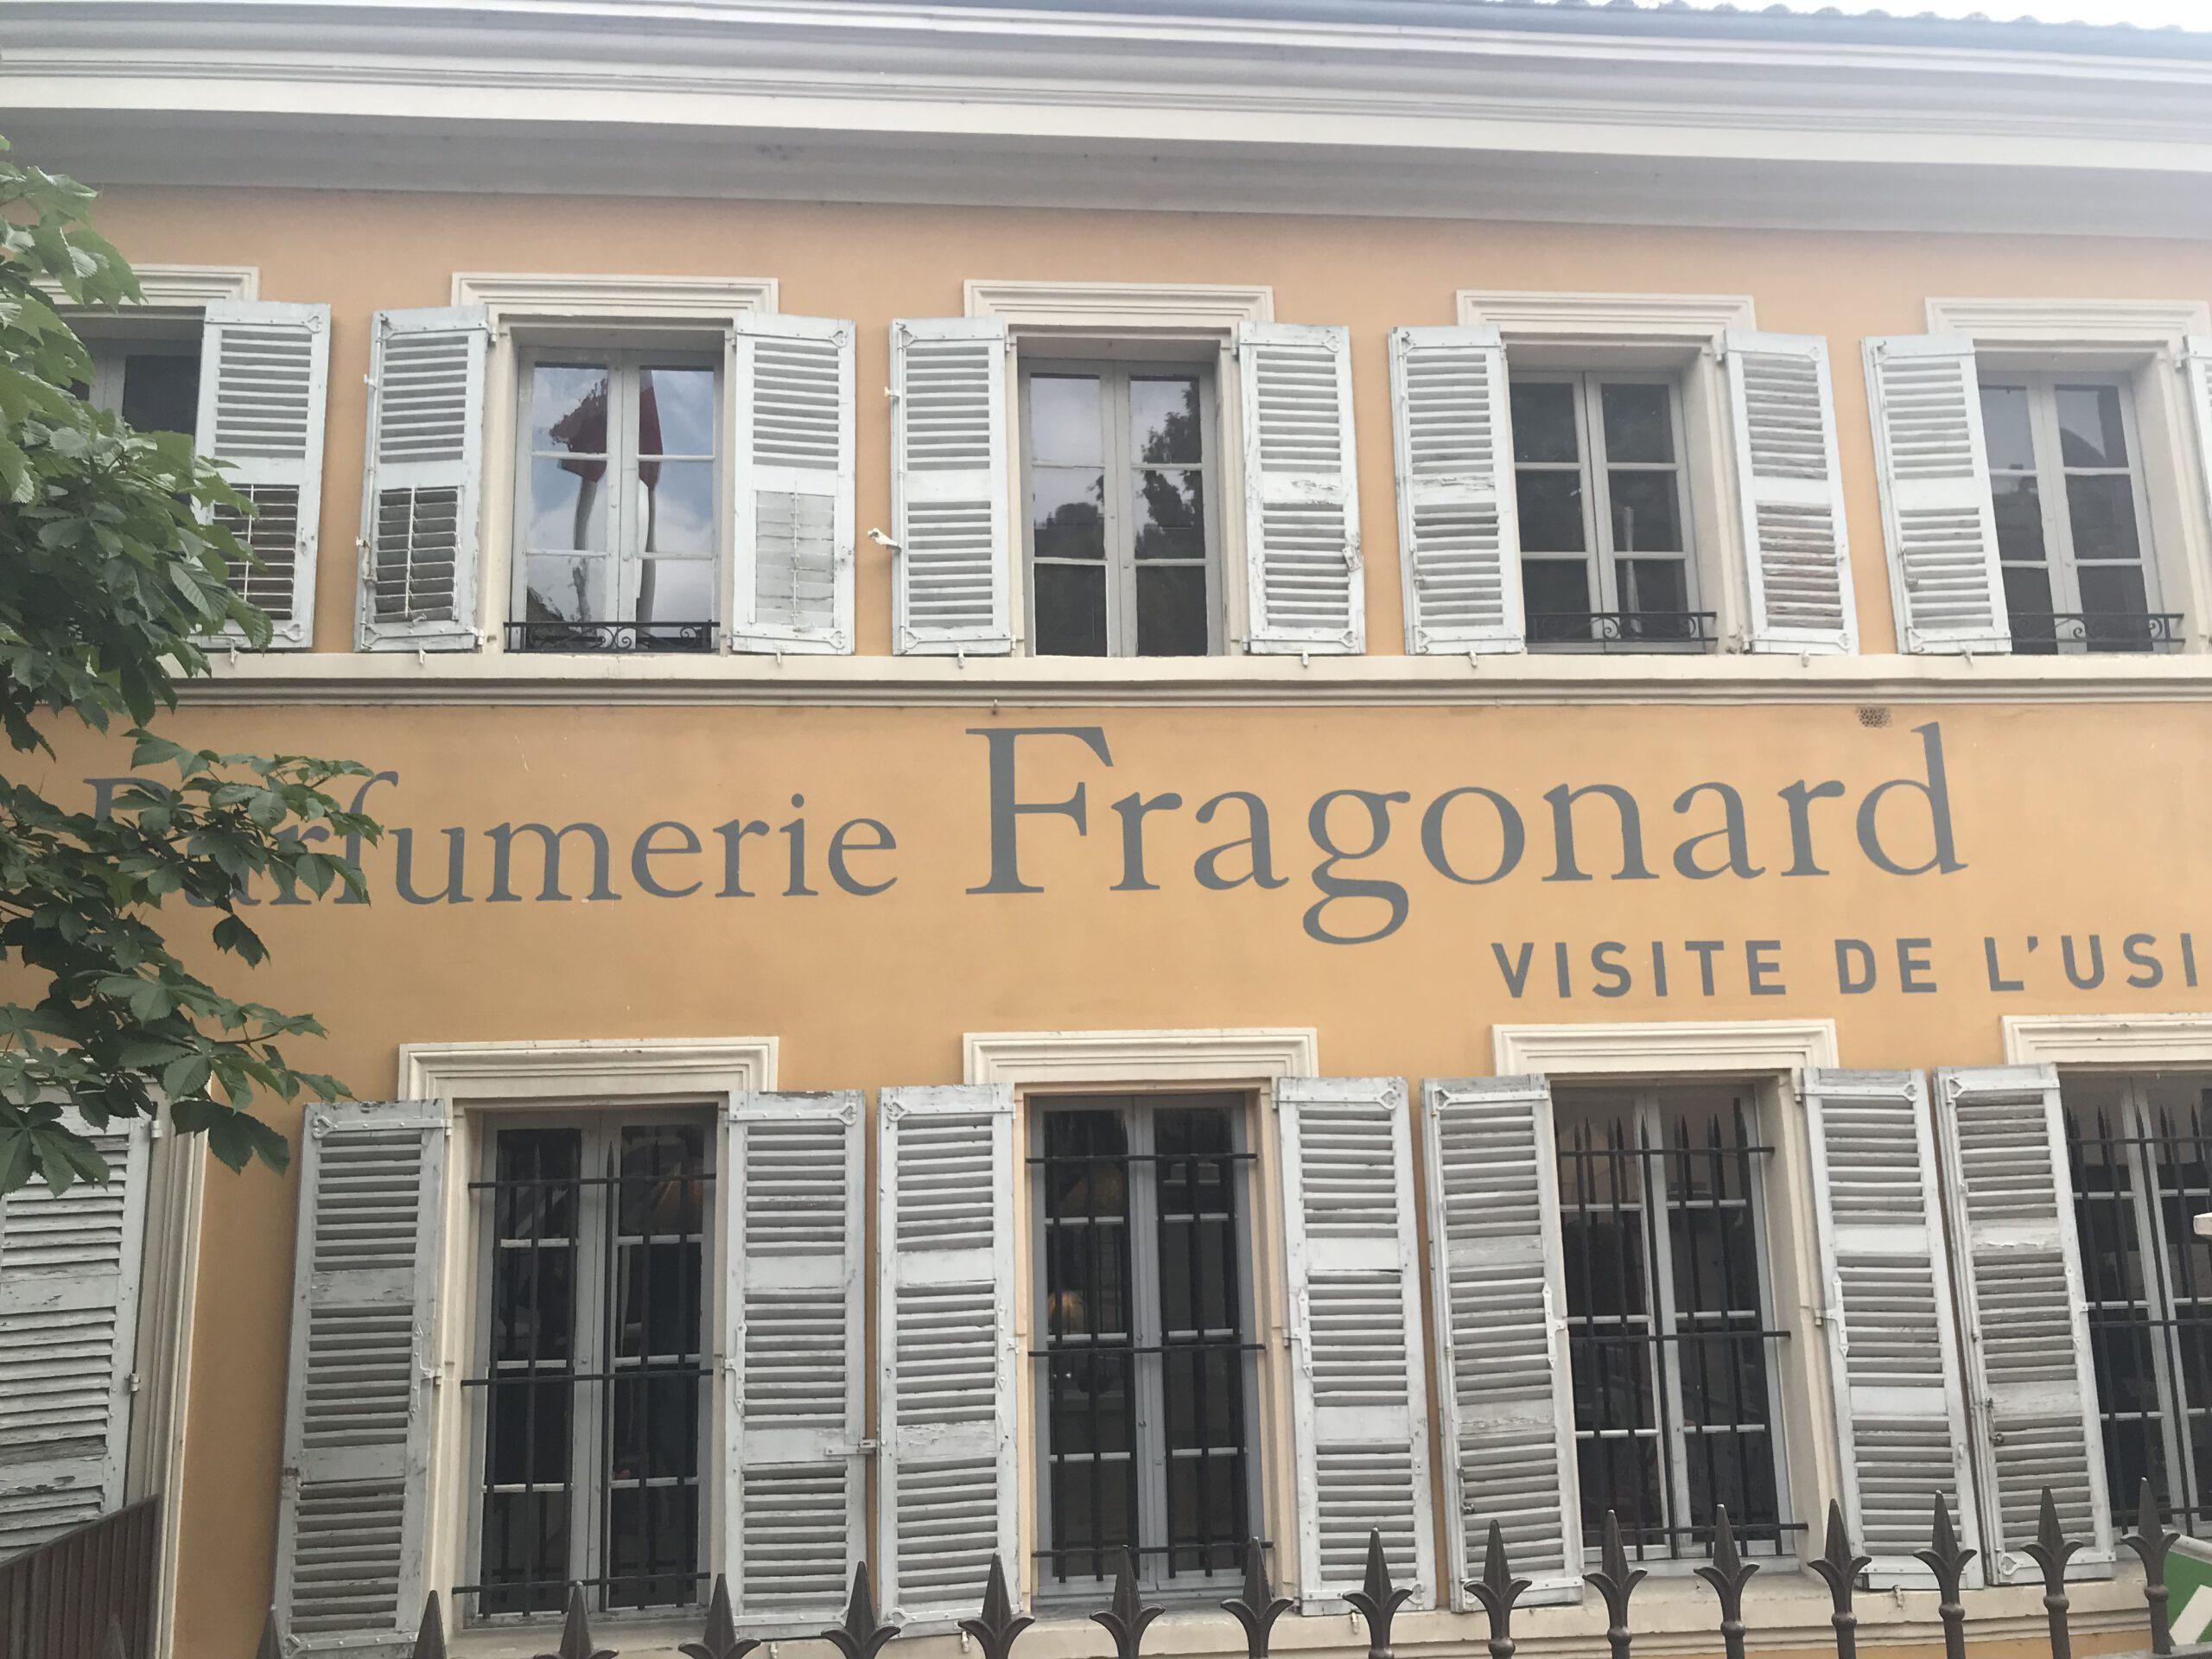 Duftmuseum In Grasse